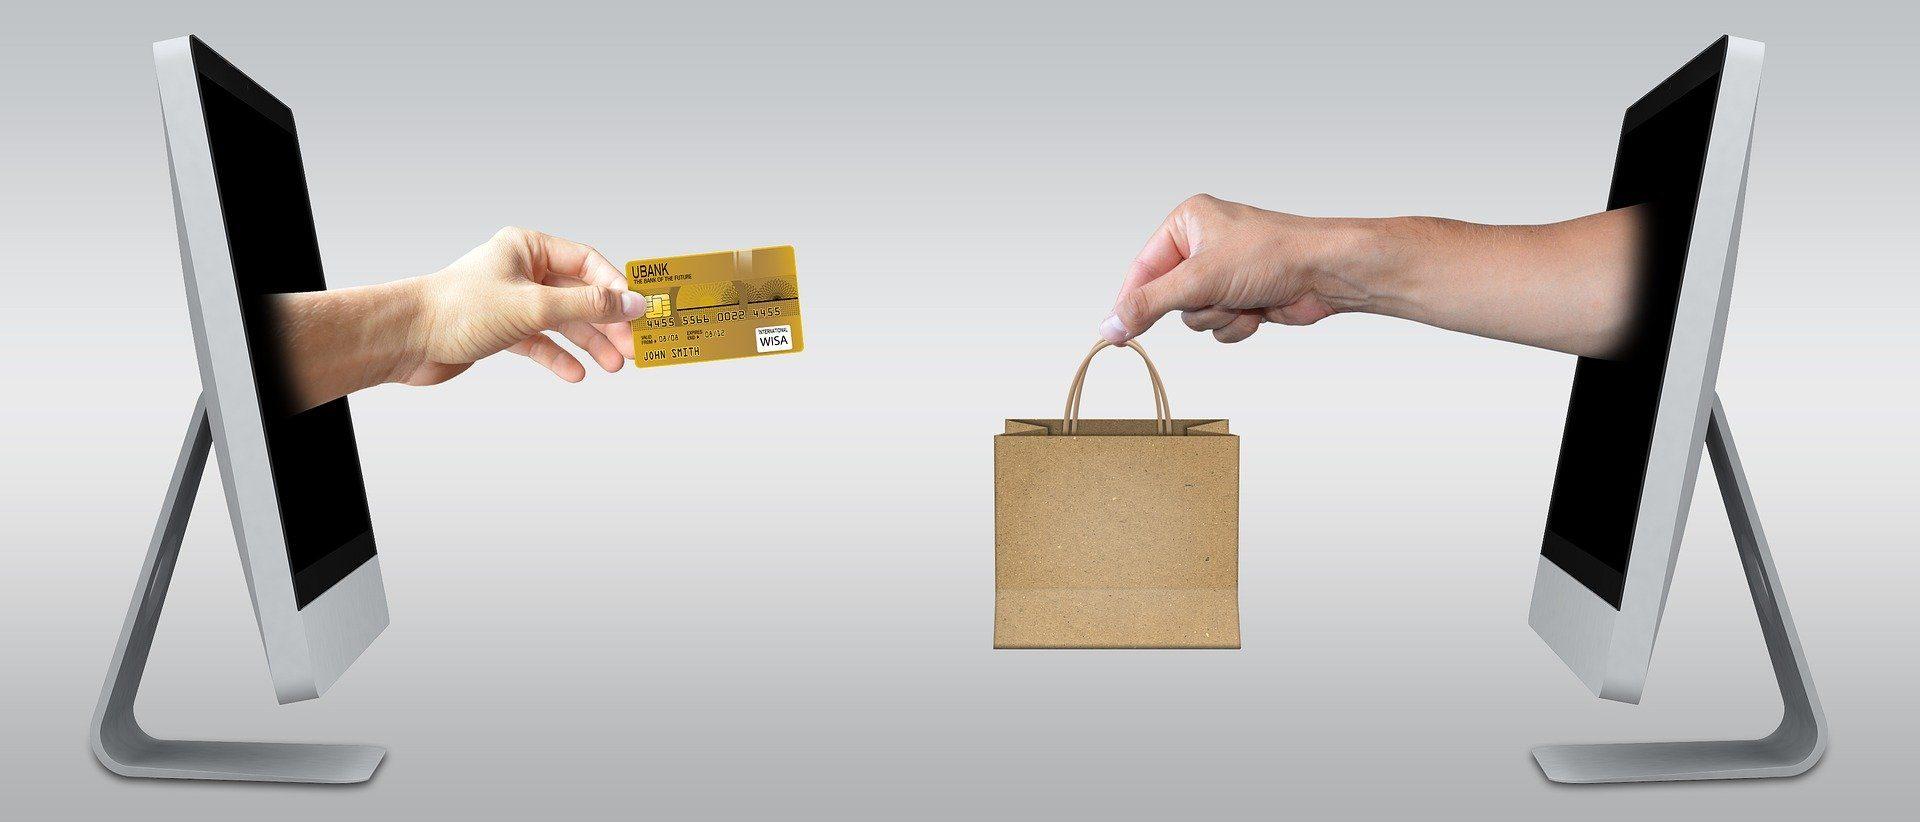 Guía para maximizar tu ROAS en Google Shopping